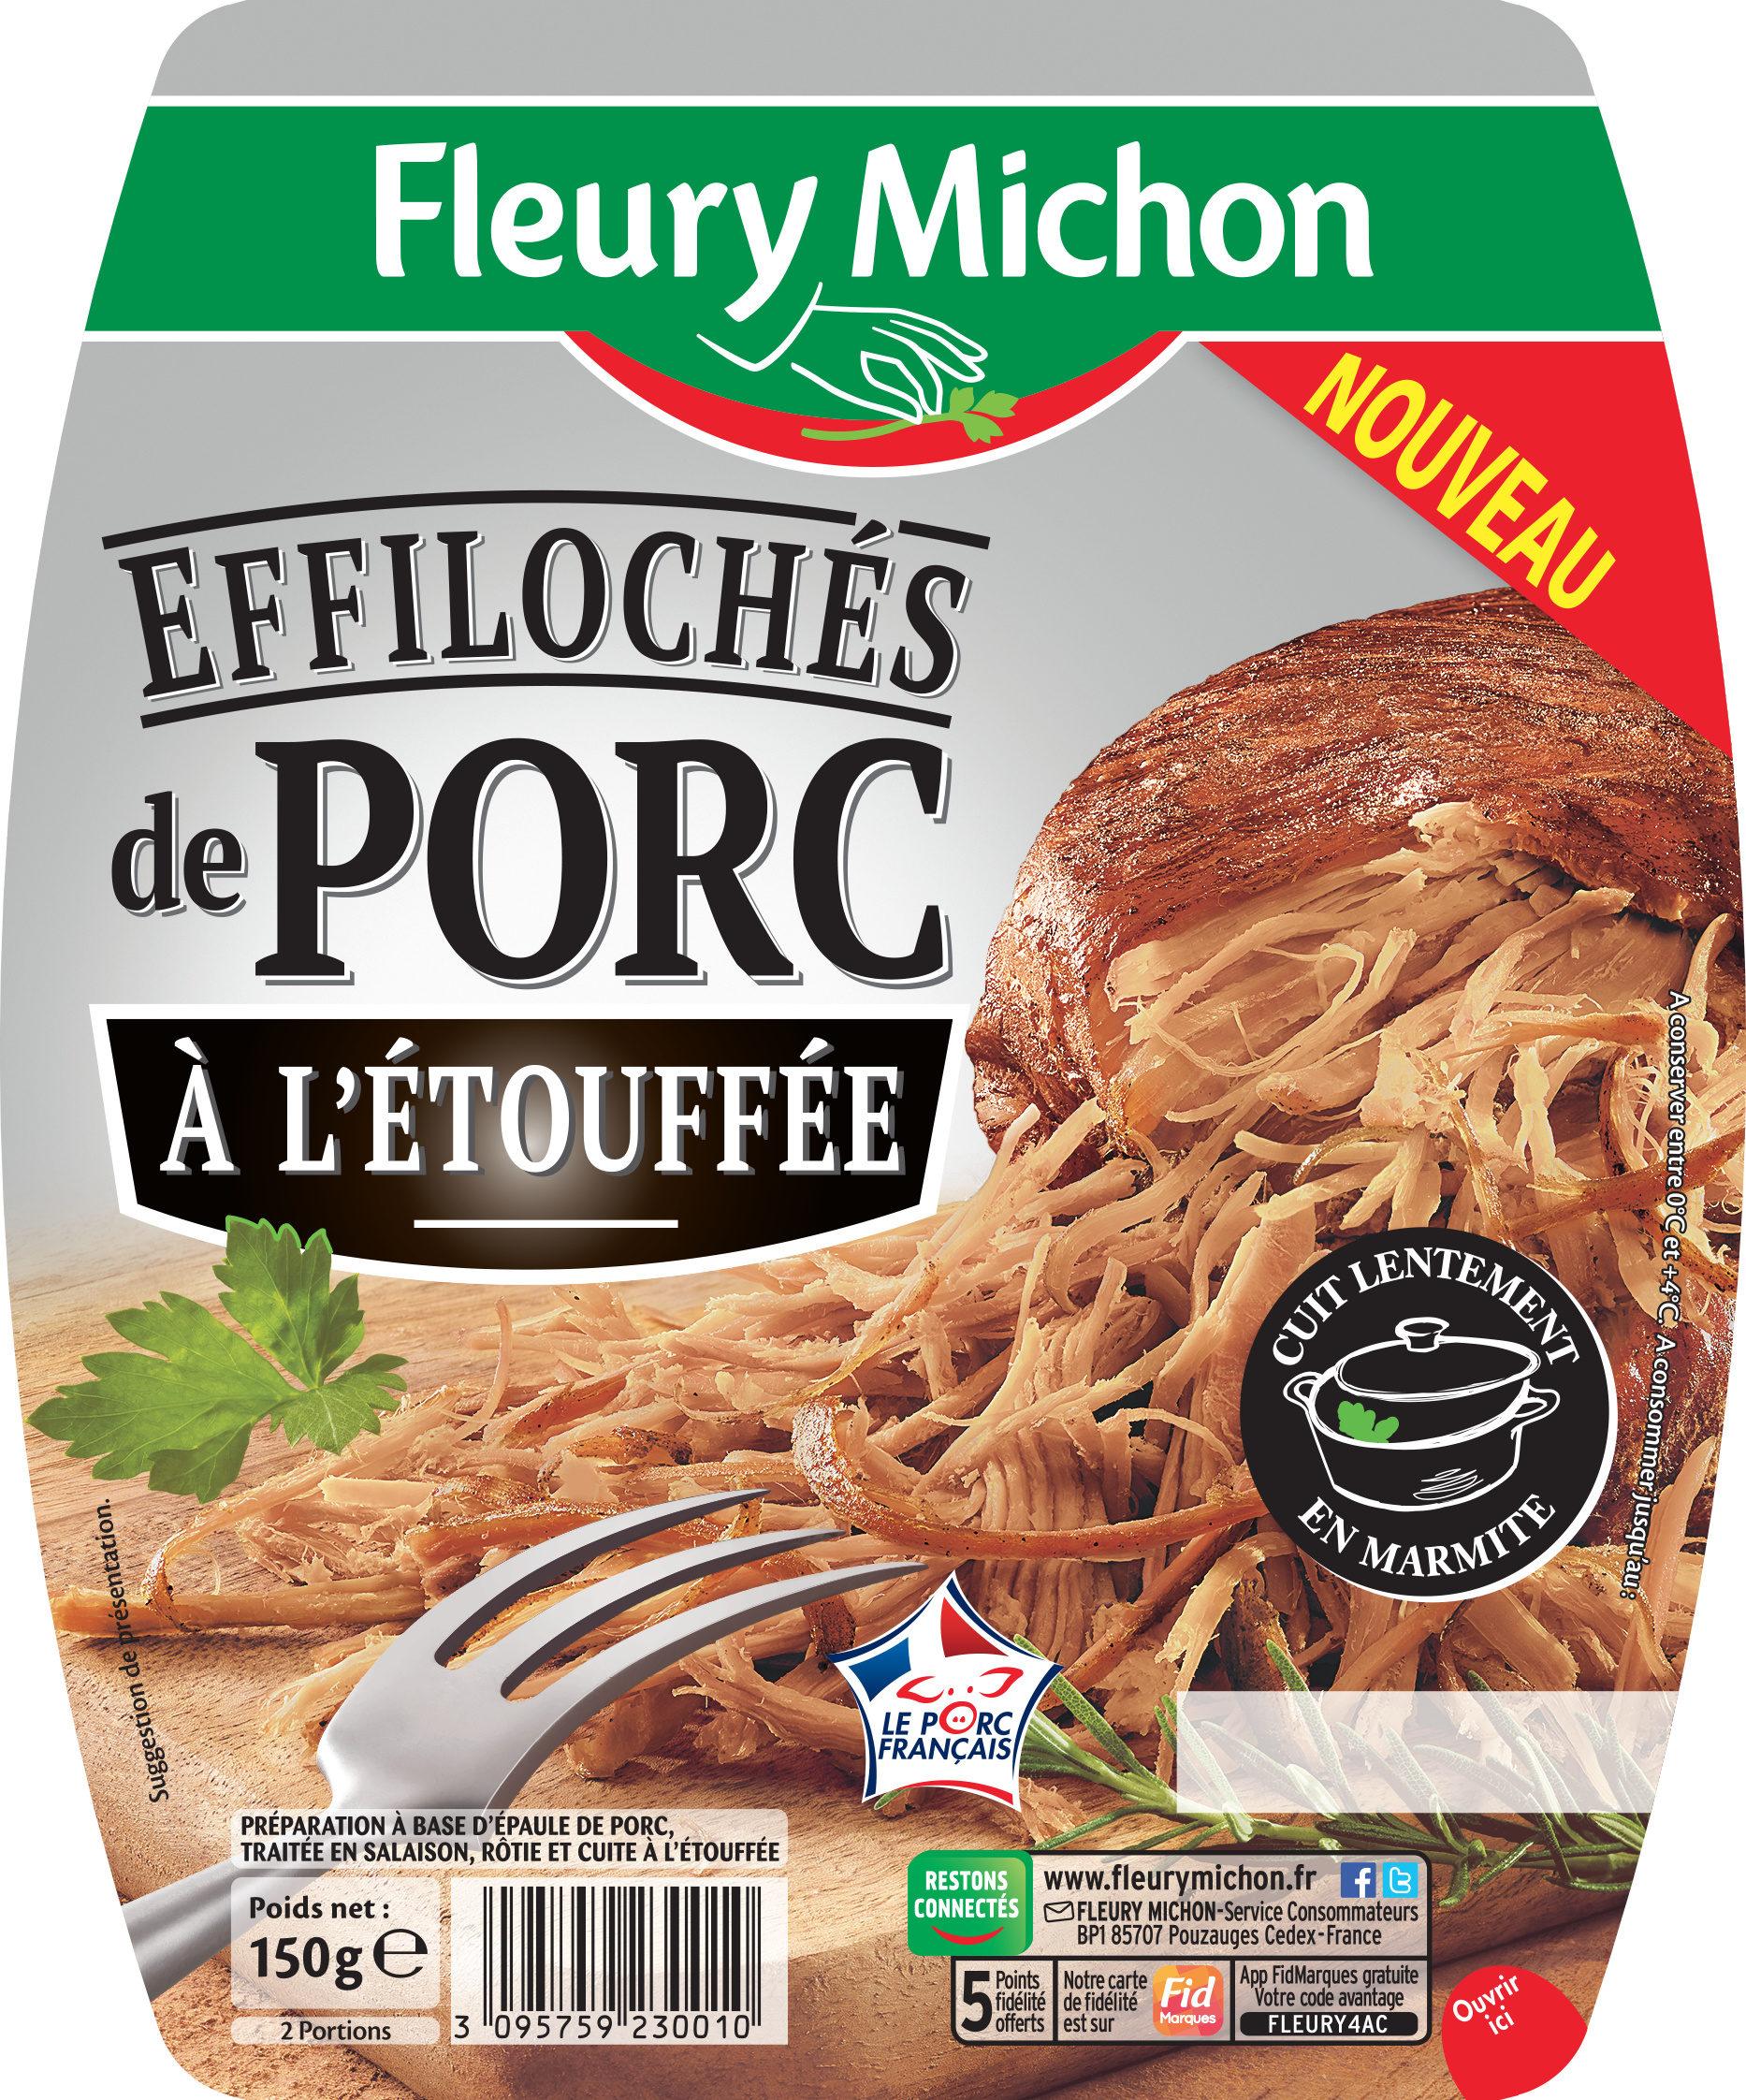 Effilochés de porc à l'étouffée - Product